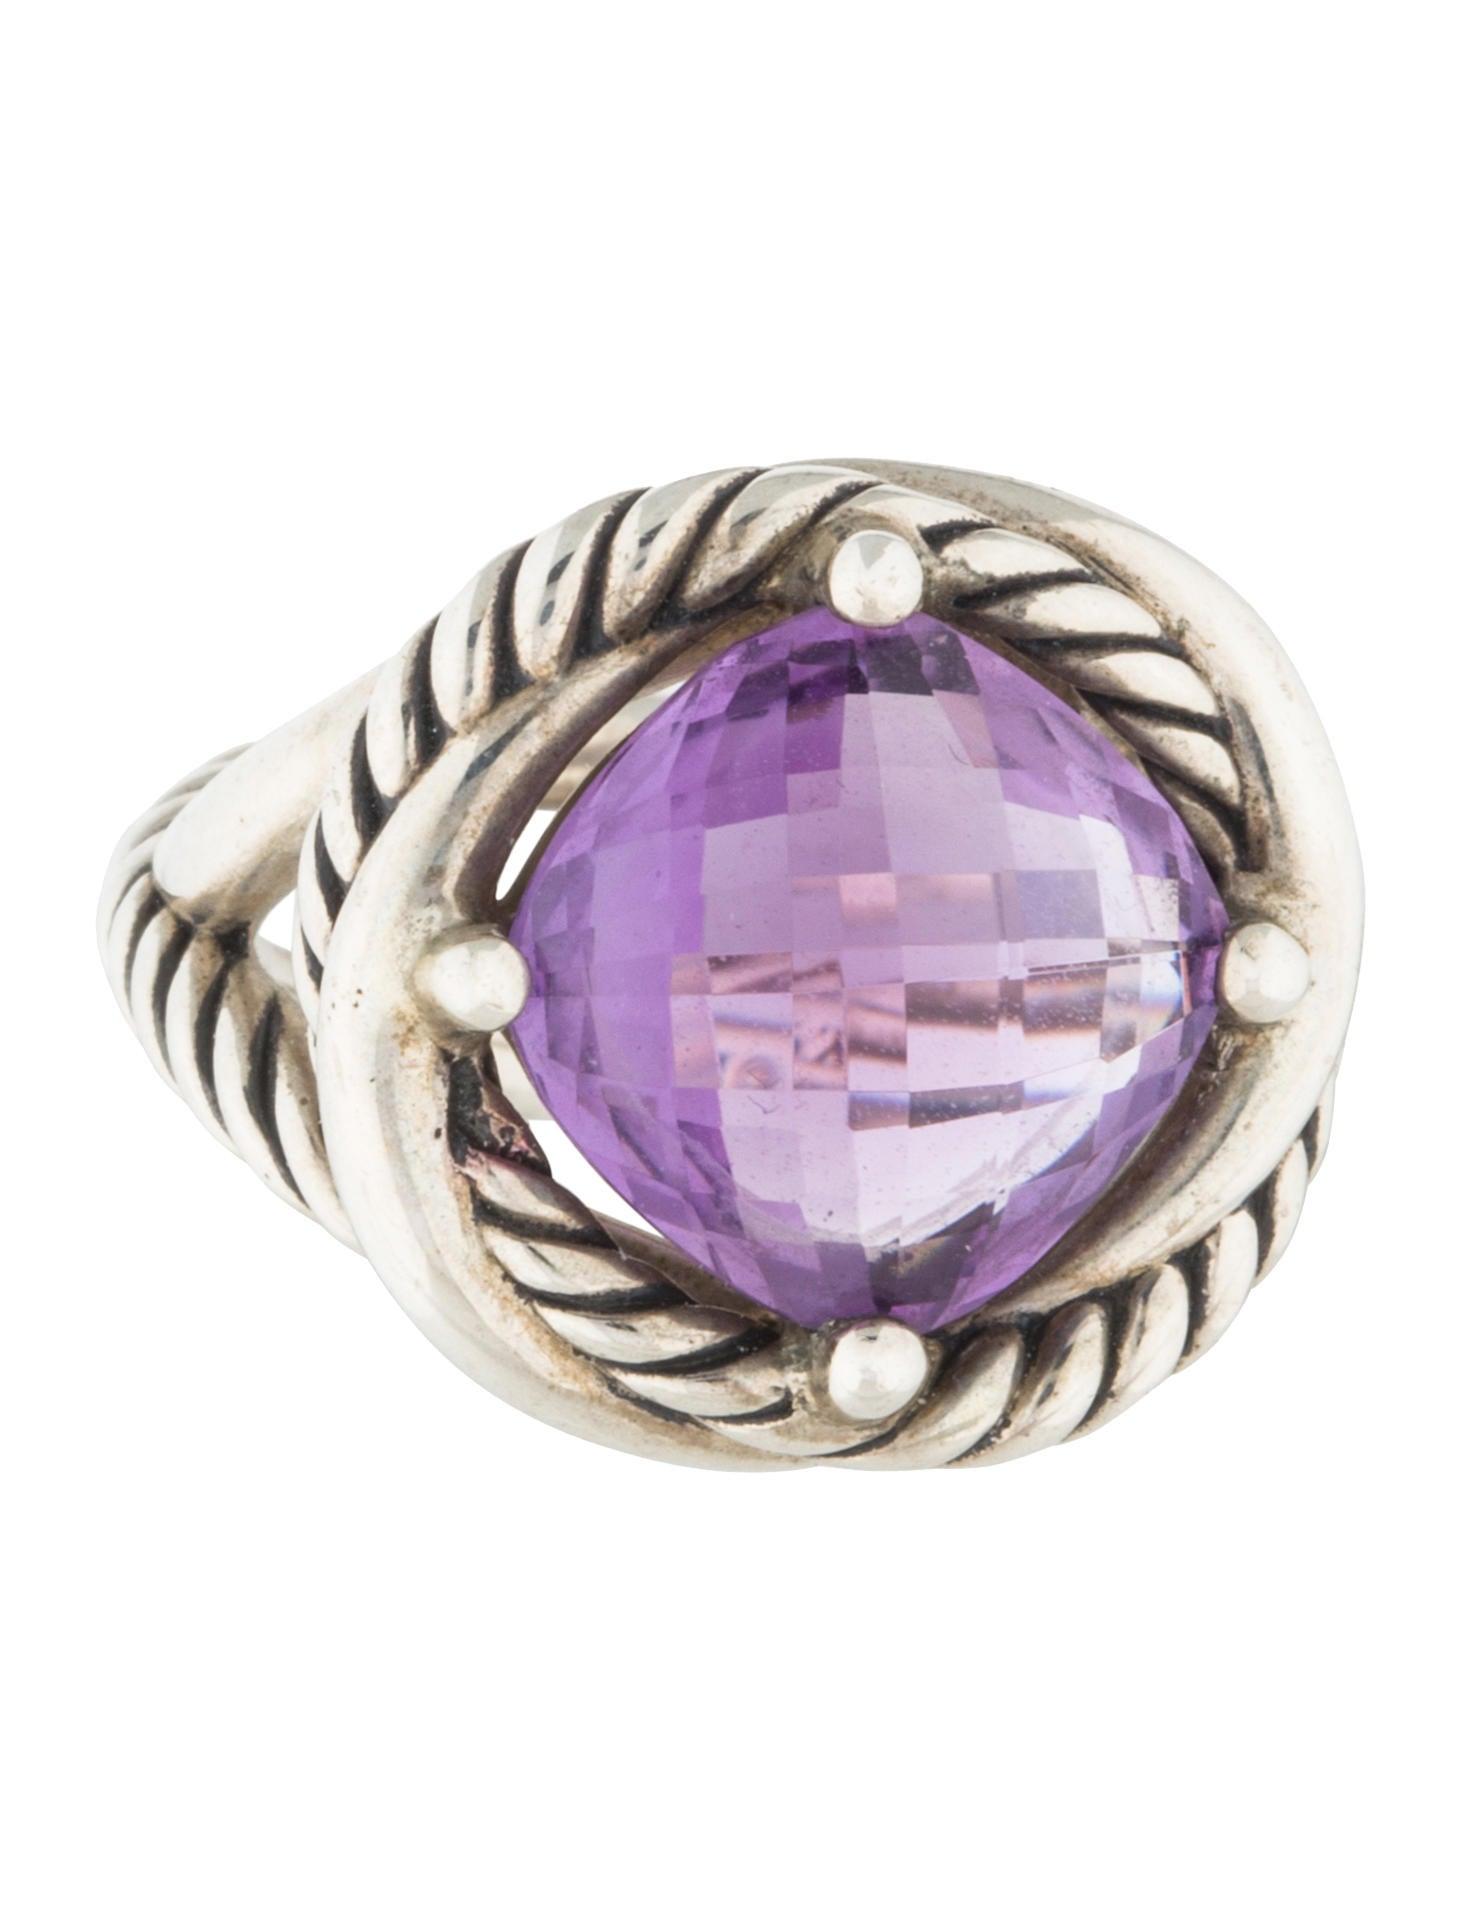 David Yurman Amethyst Infinity Ring Rings Dvy39462